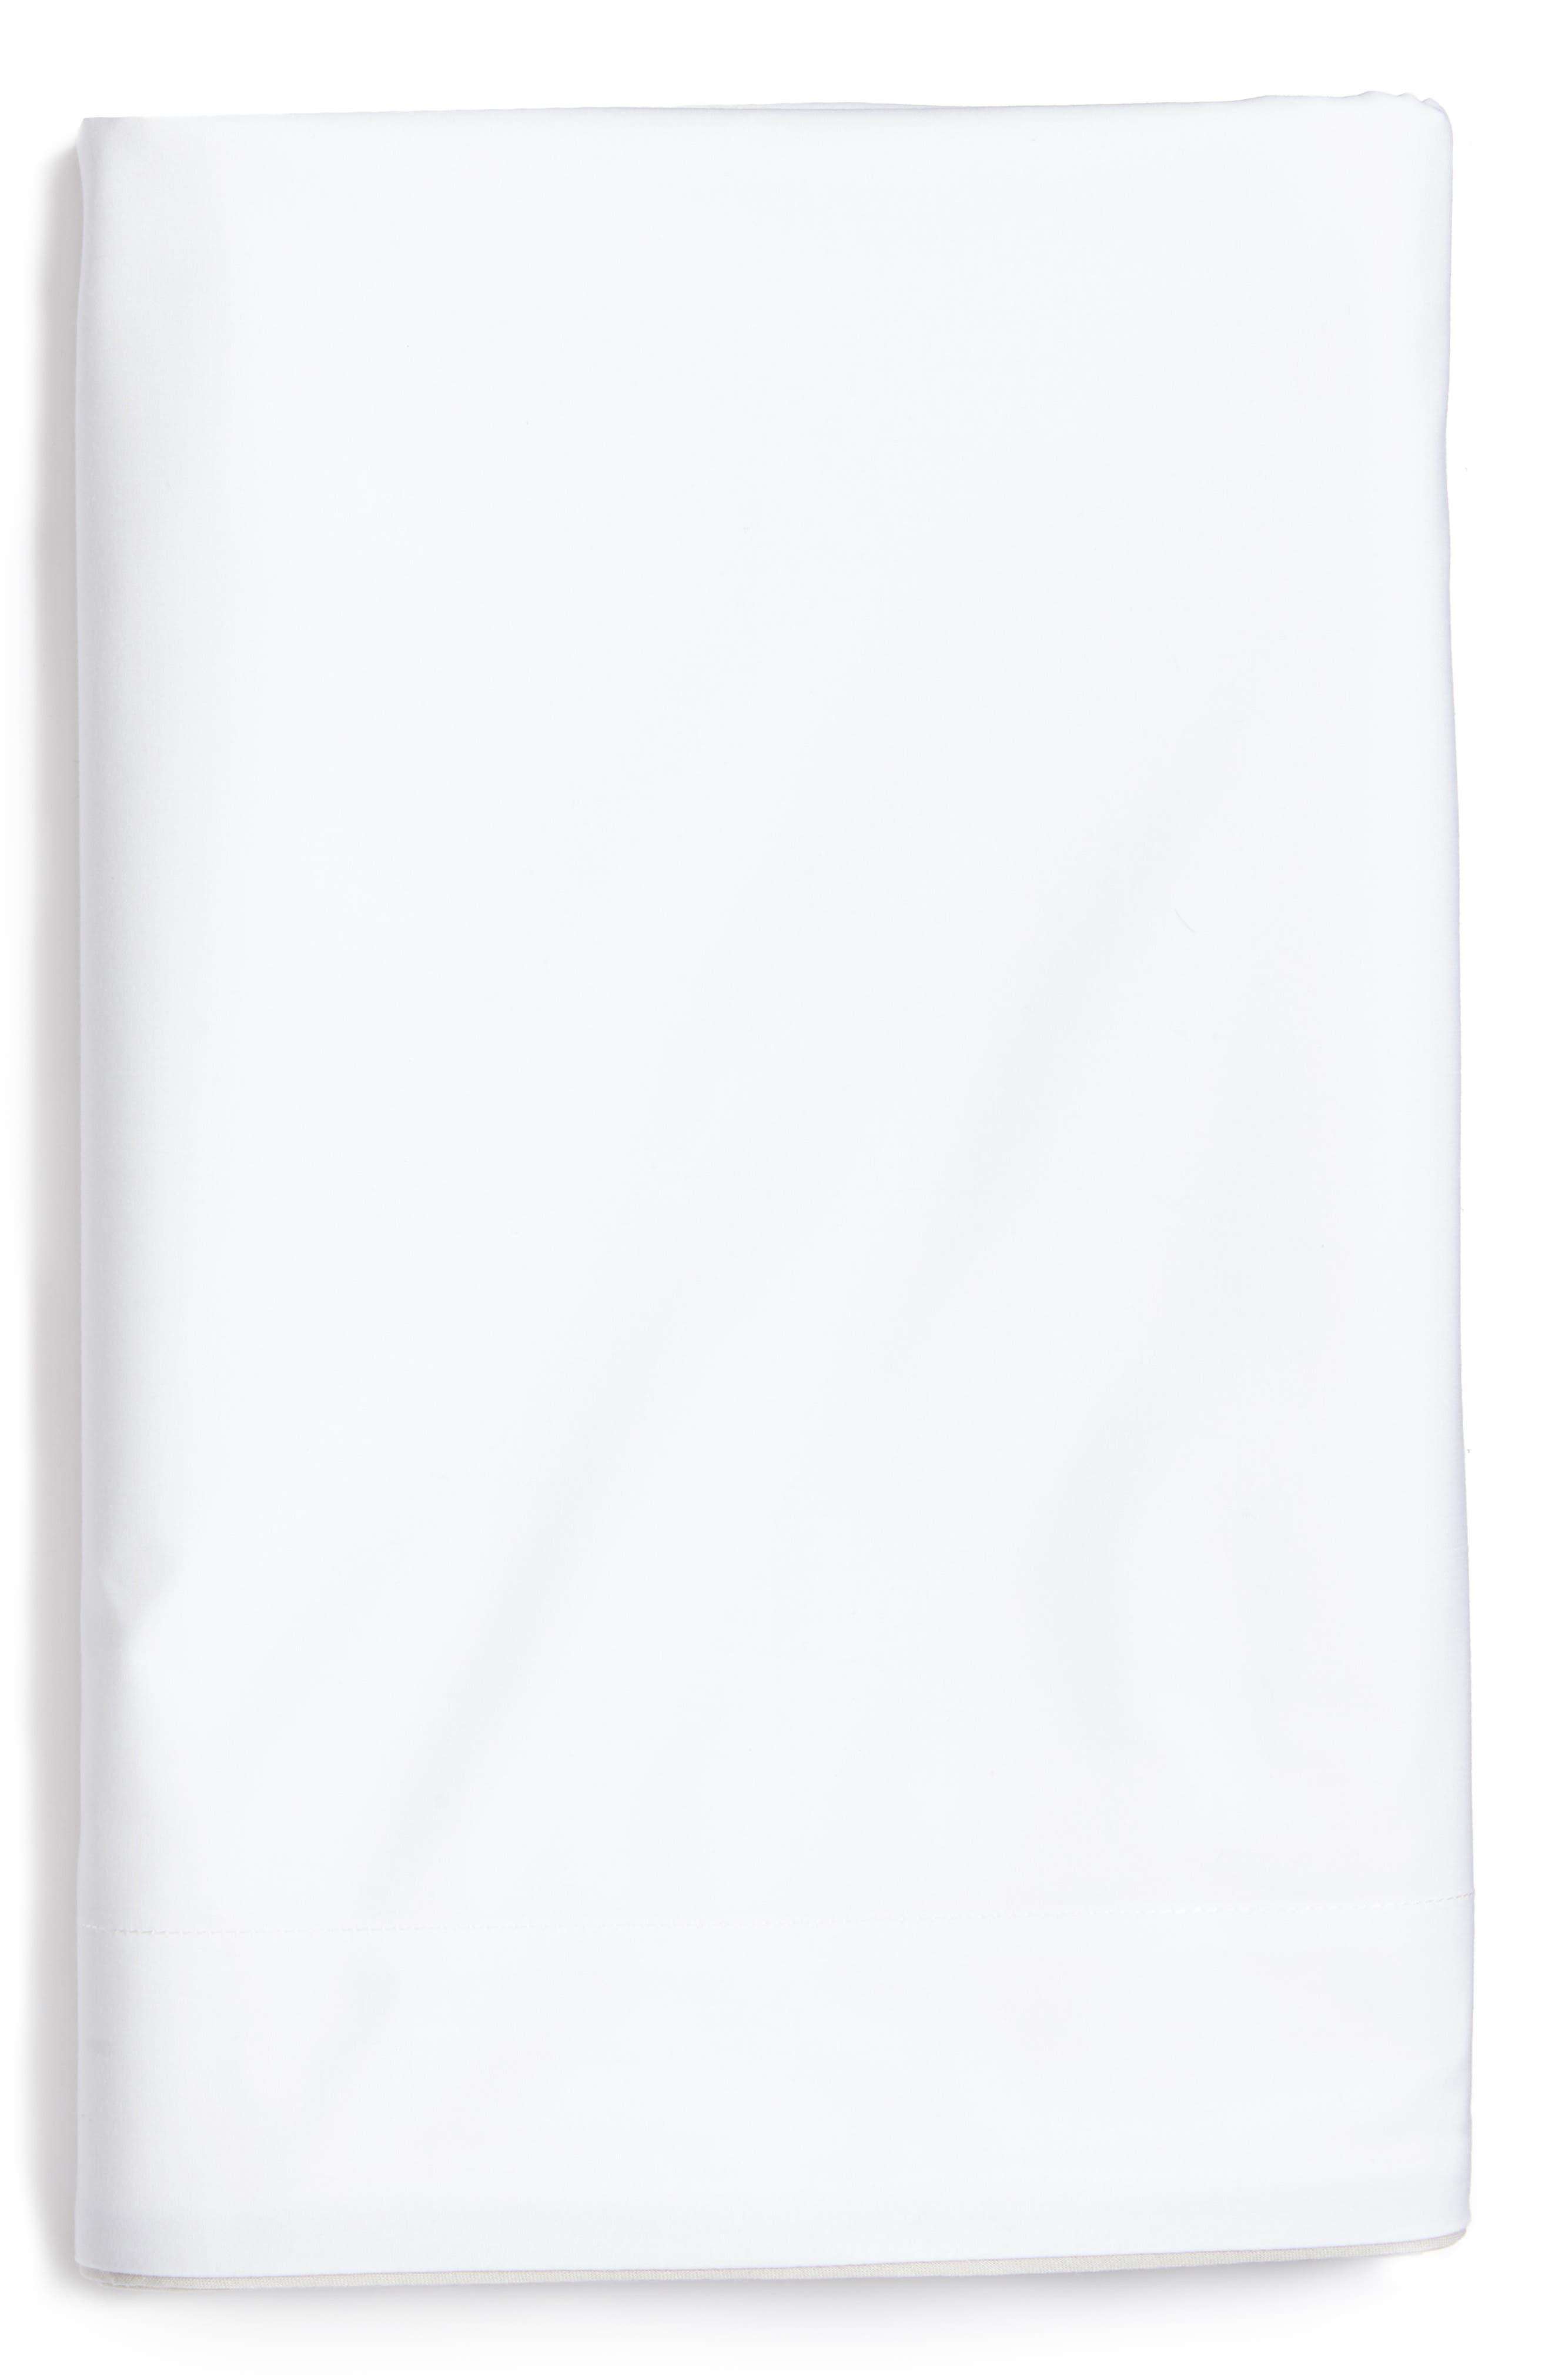 Calvin Klein Home Series 1 500 Thread Count Pillowcases